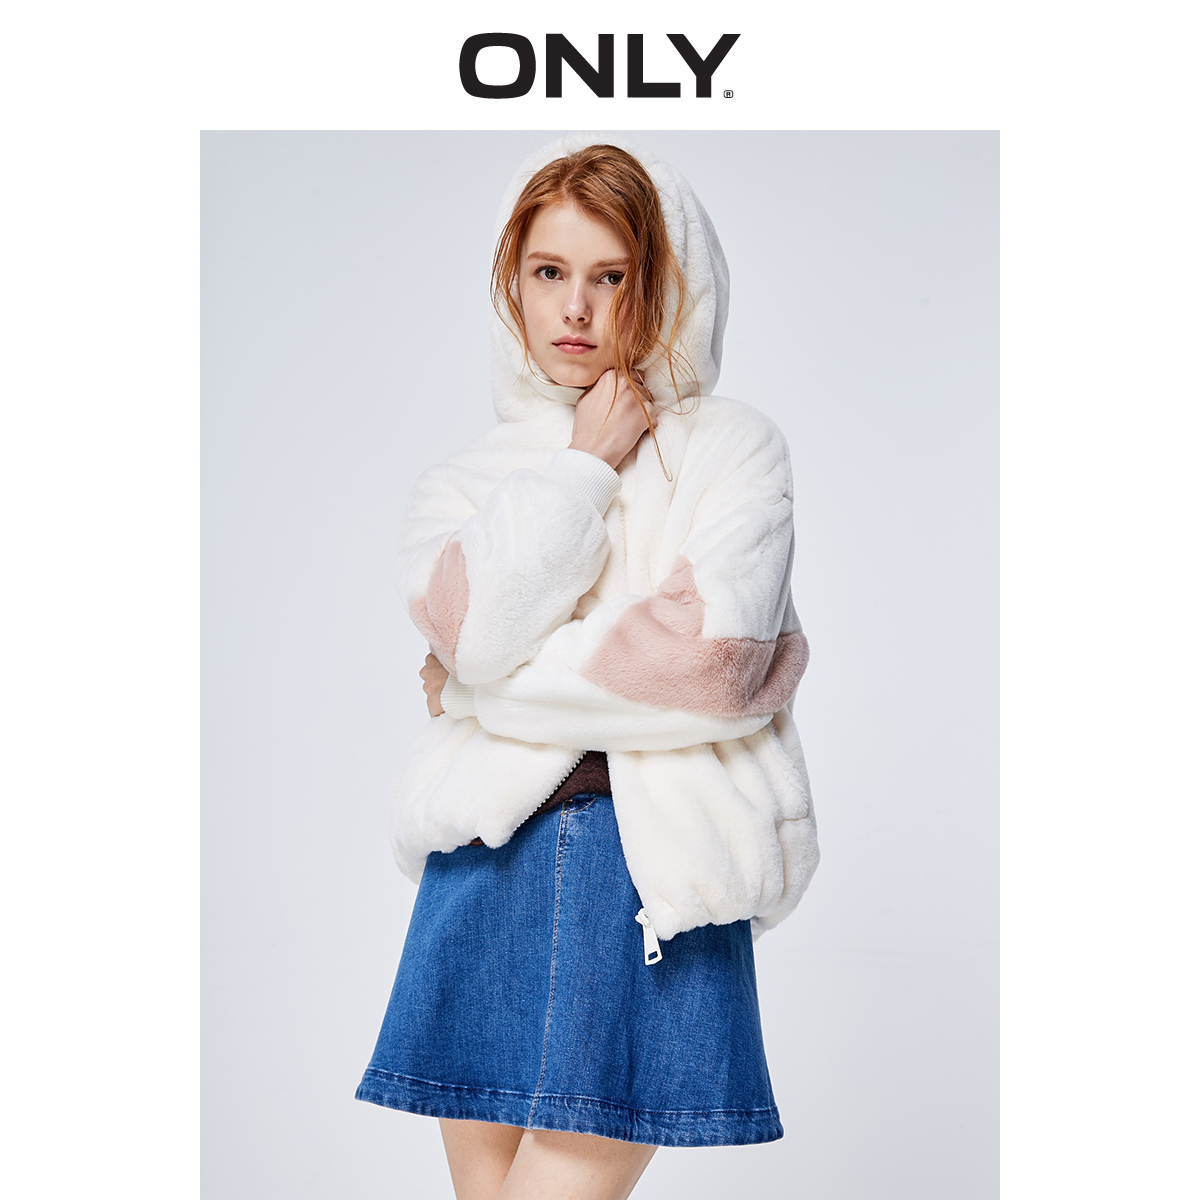 ONLY2019 новый зимний осенний сладкий свободный плюш краткое модель случайный закрытый пальто женщина |11911L502 586090159235